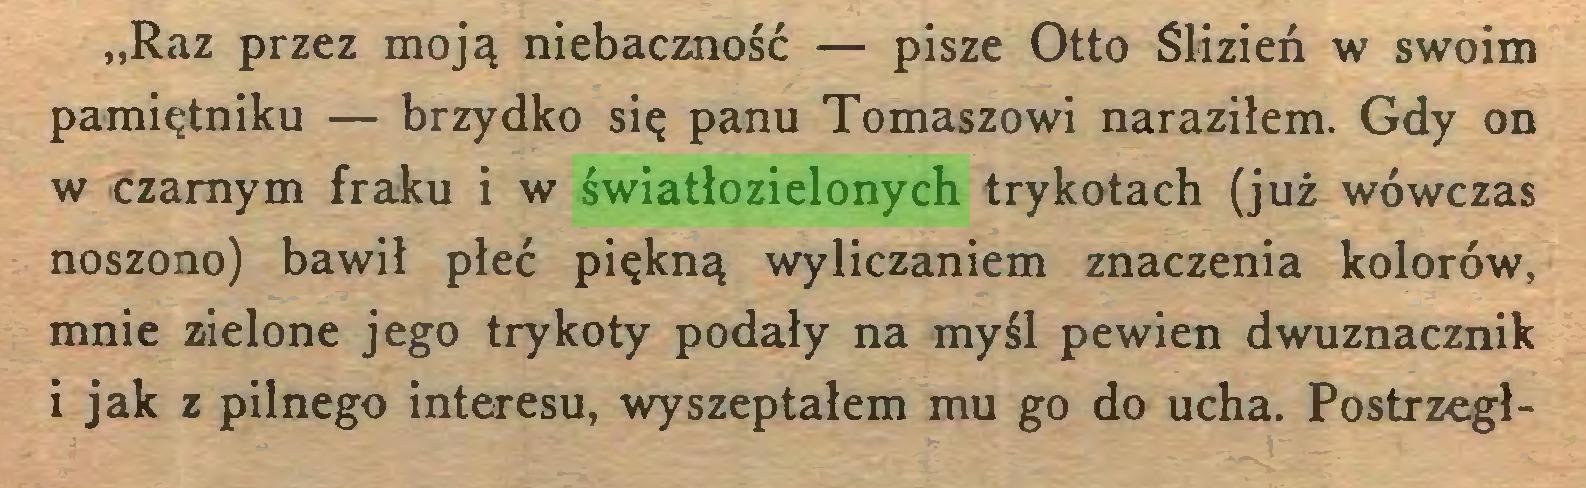 """(...) """"Raz przez moją niebaczność — pisze Otto Slizień w swoim pamiętniku — brzydko się panu Tomaszowi naraziłem. Gdy on w czarnym fraku i w światłozielonych trykotach (już wówczas noszono) bawił płeć piękną wyliczaniem znaczenia kolorów, mnie zielone jego trykoty podały na myśl pewien dwuznacznik 1 jak z pilnego interesu, wyszeptałem mu go do ucha. Postrzegł..."""